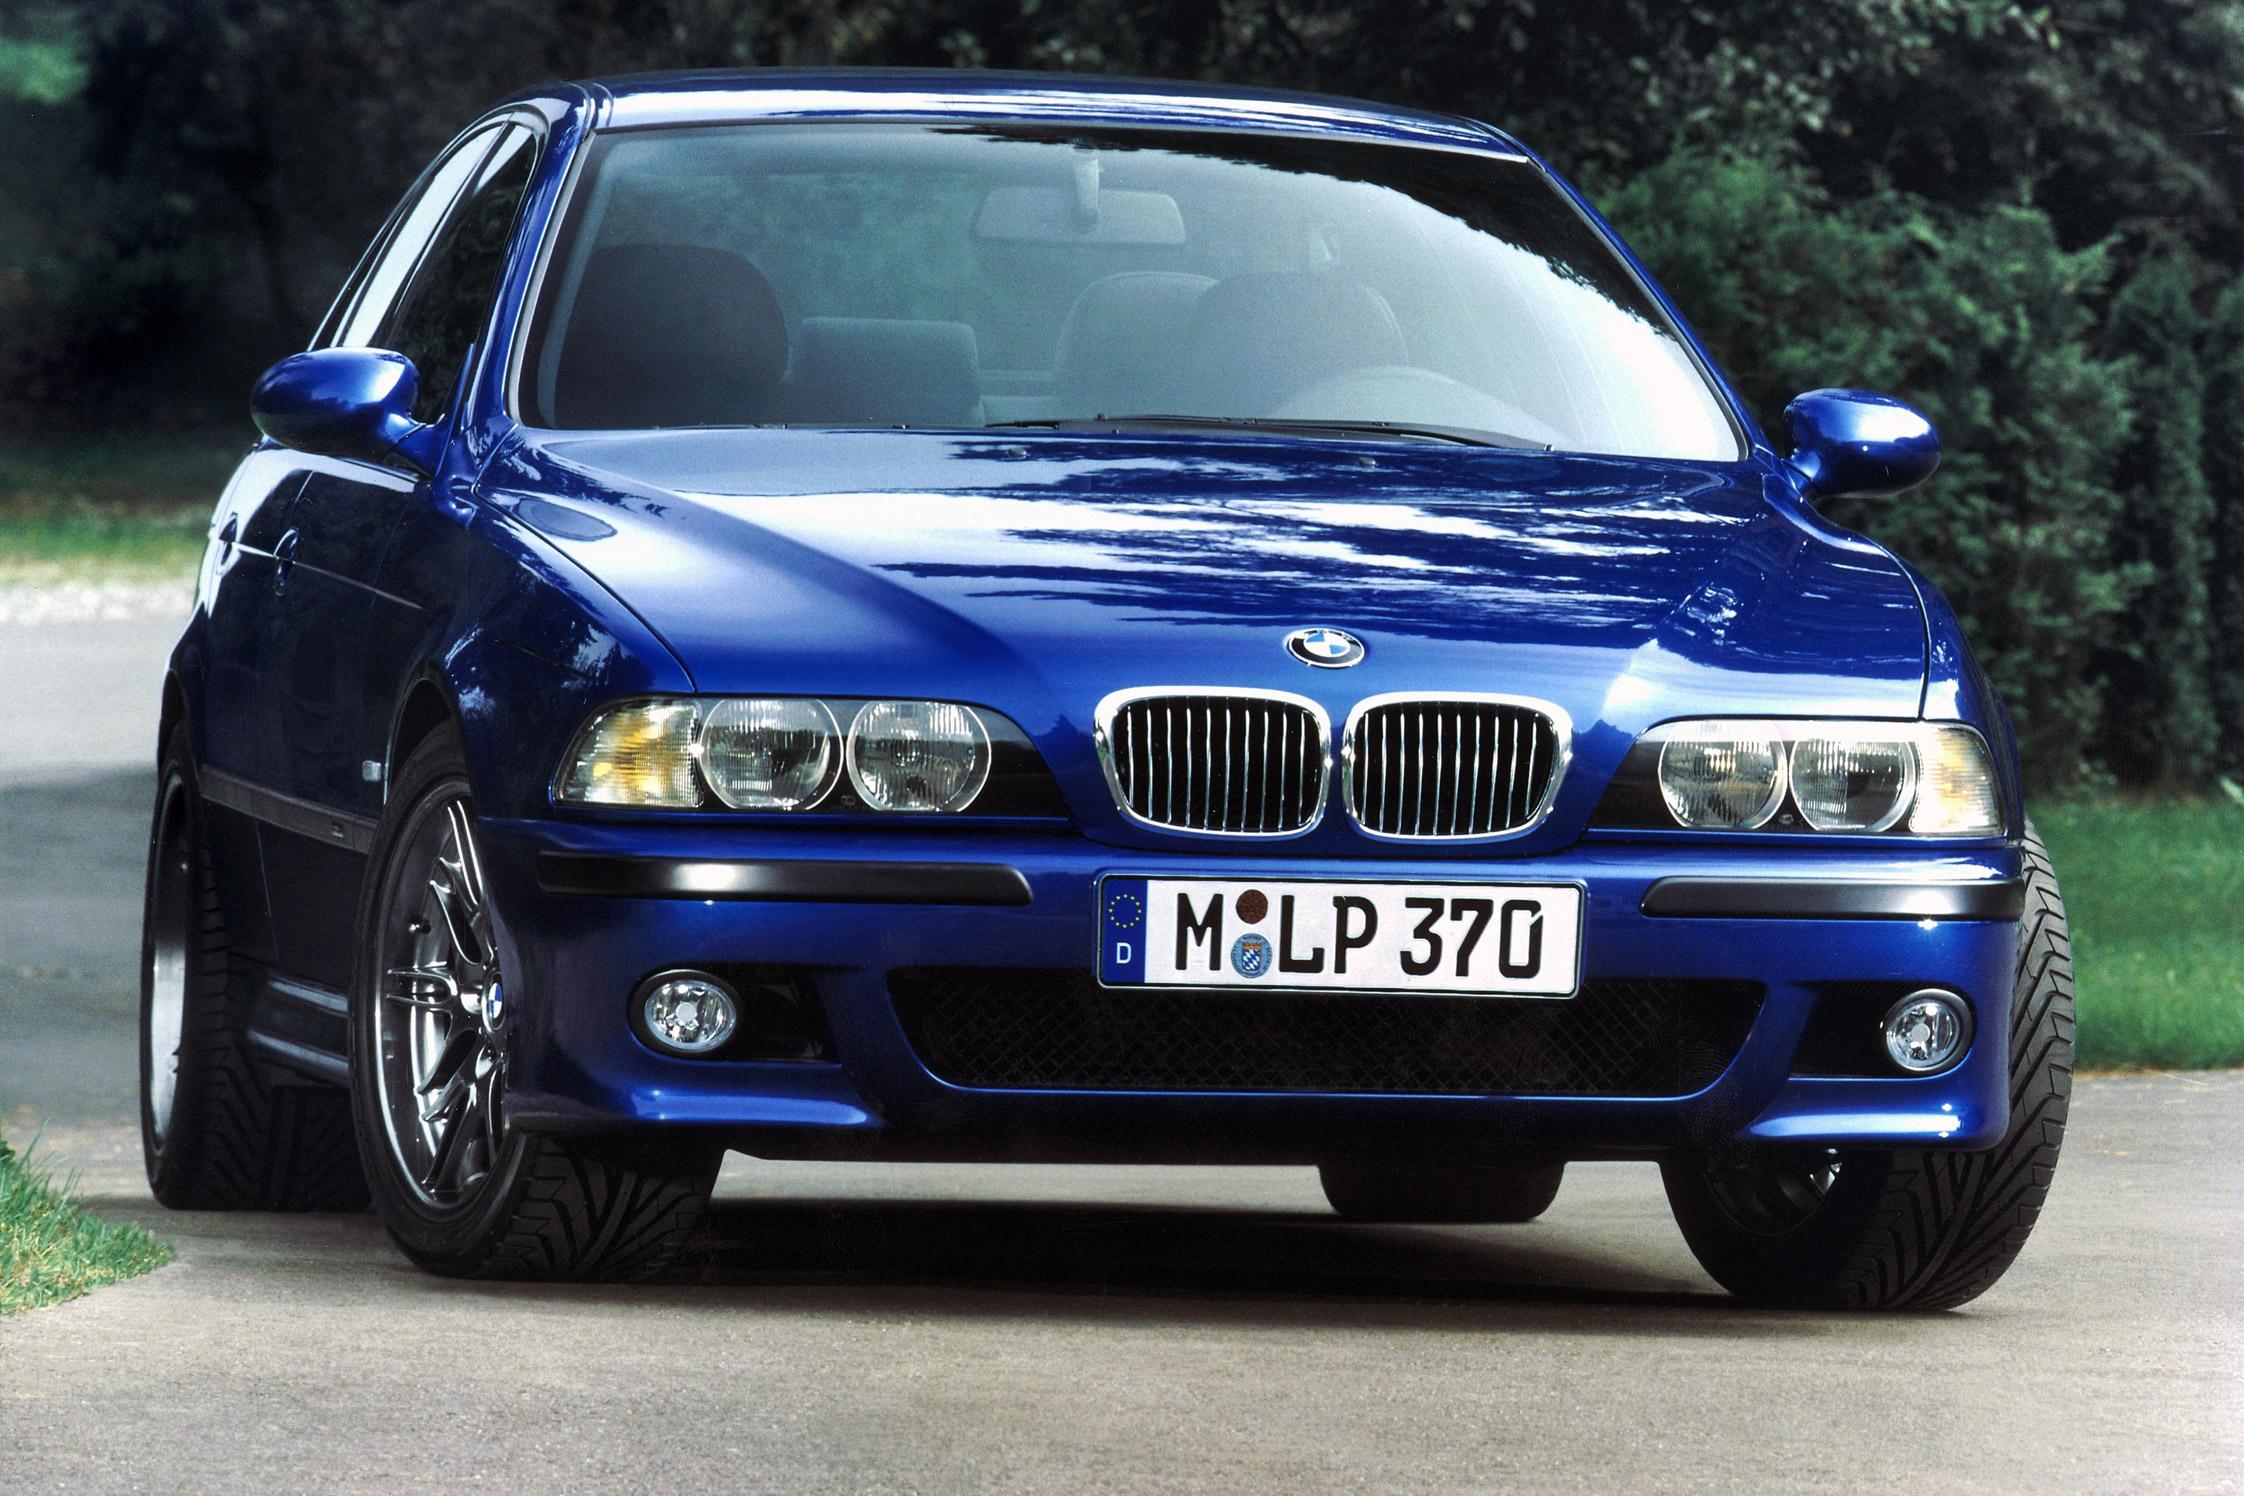 Photos Artistique de BMW ! ! ! - Page 5 Bmw-m5-e39-5-0i-400ch-72626